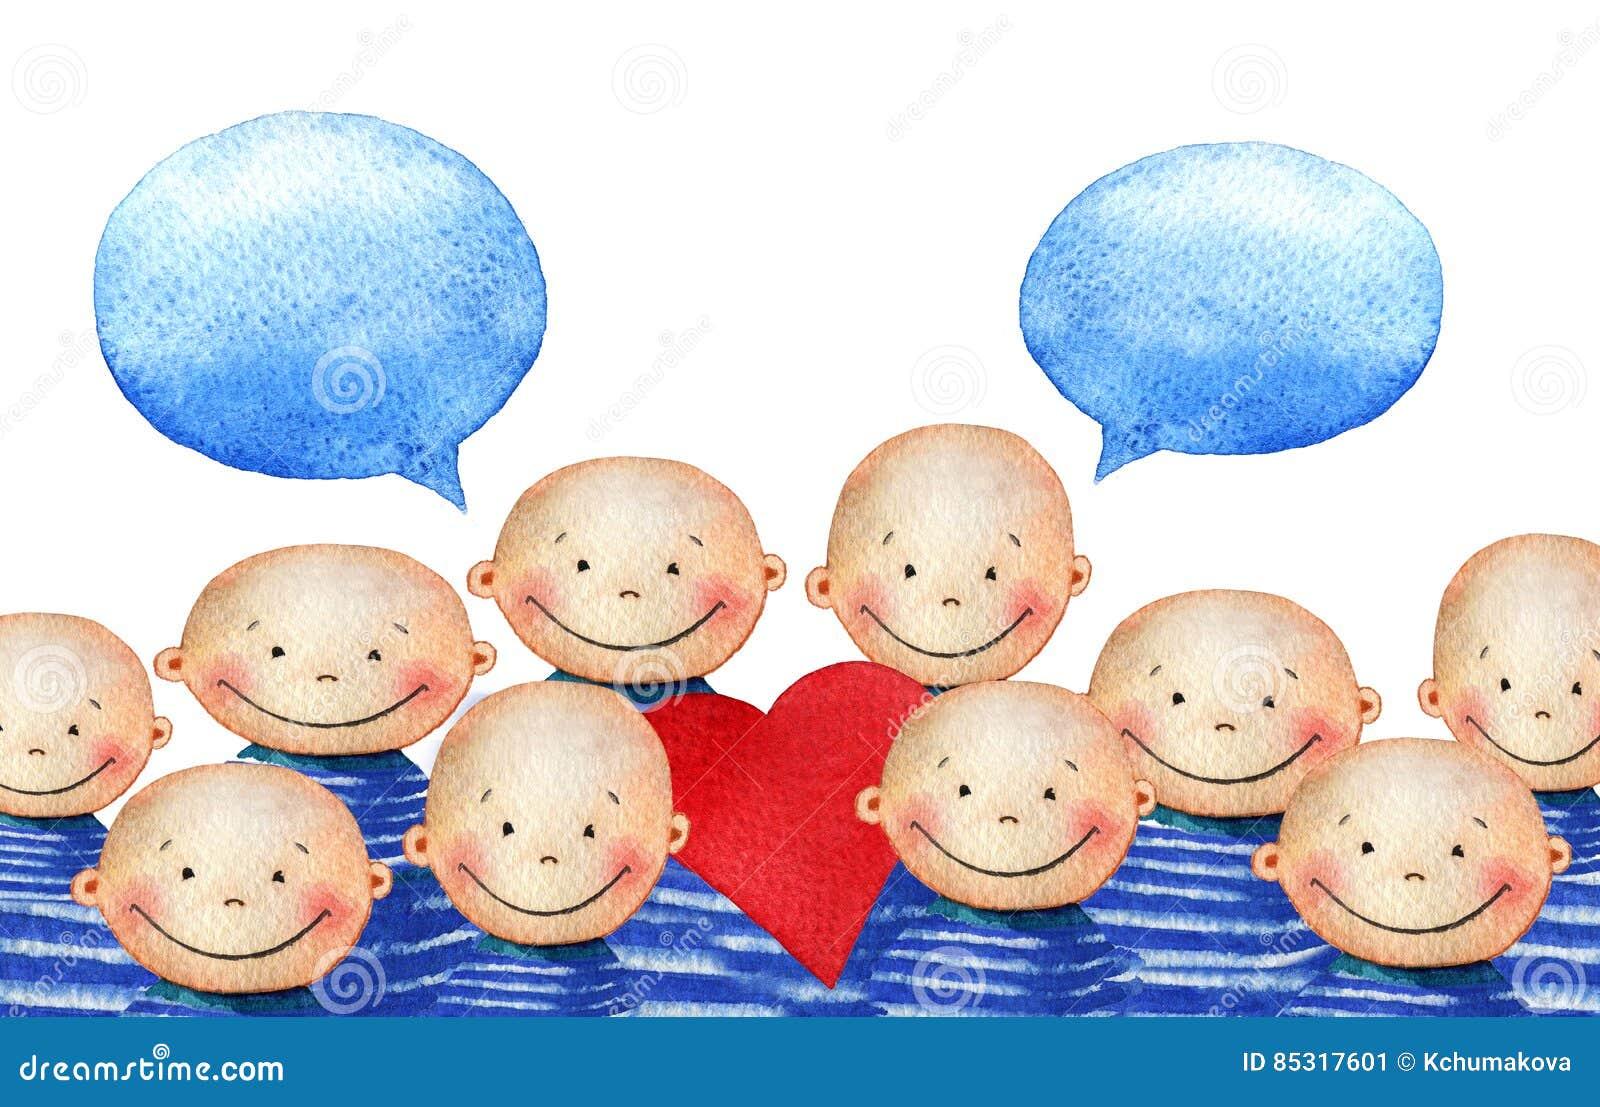 Tłum śliczna uśmiechnięta chłopiec w błękitnym pasiastym koszulki mienia sercu